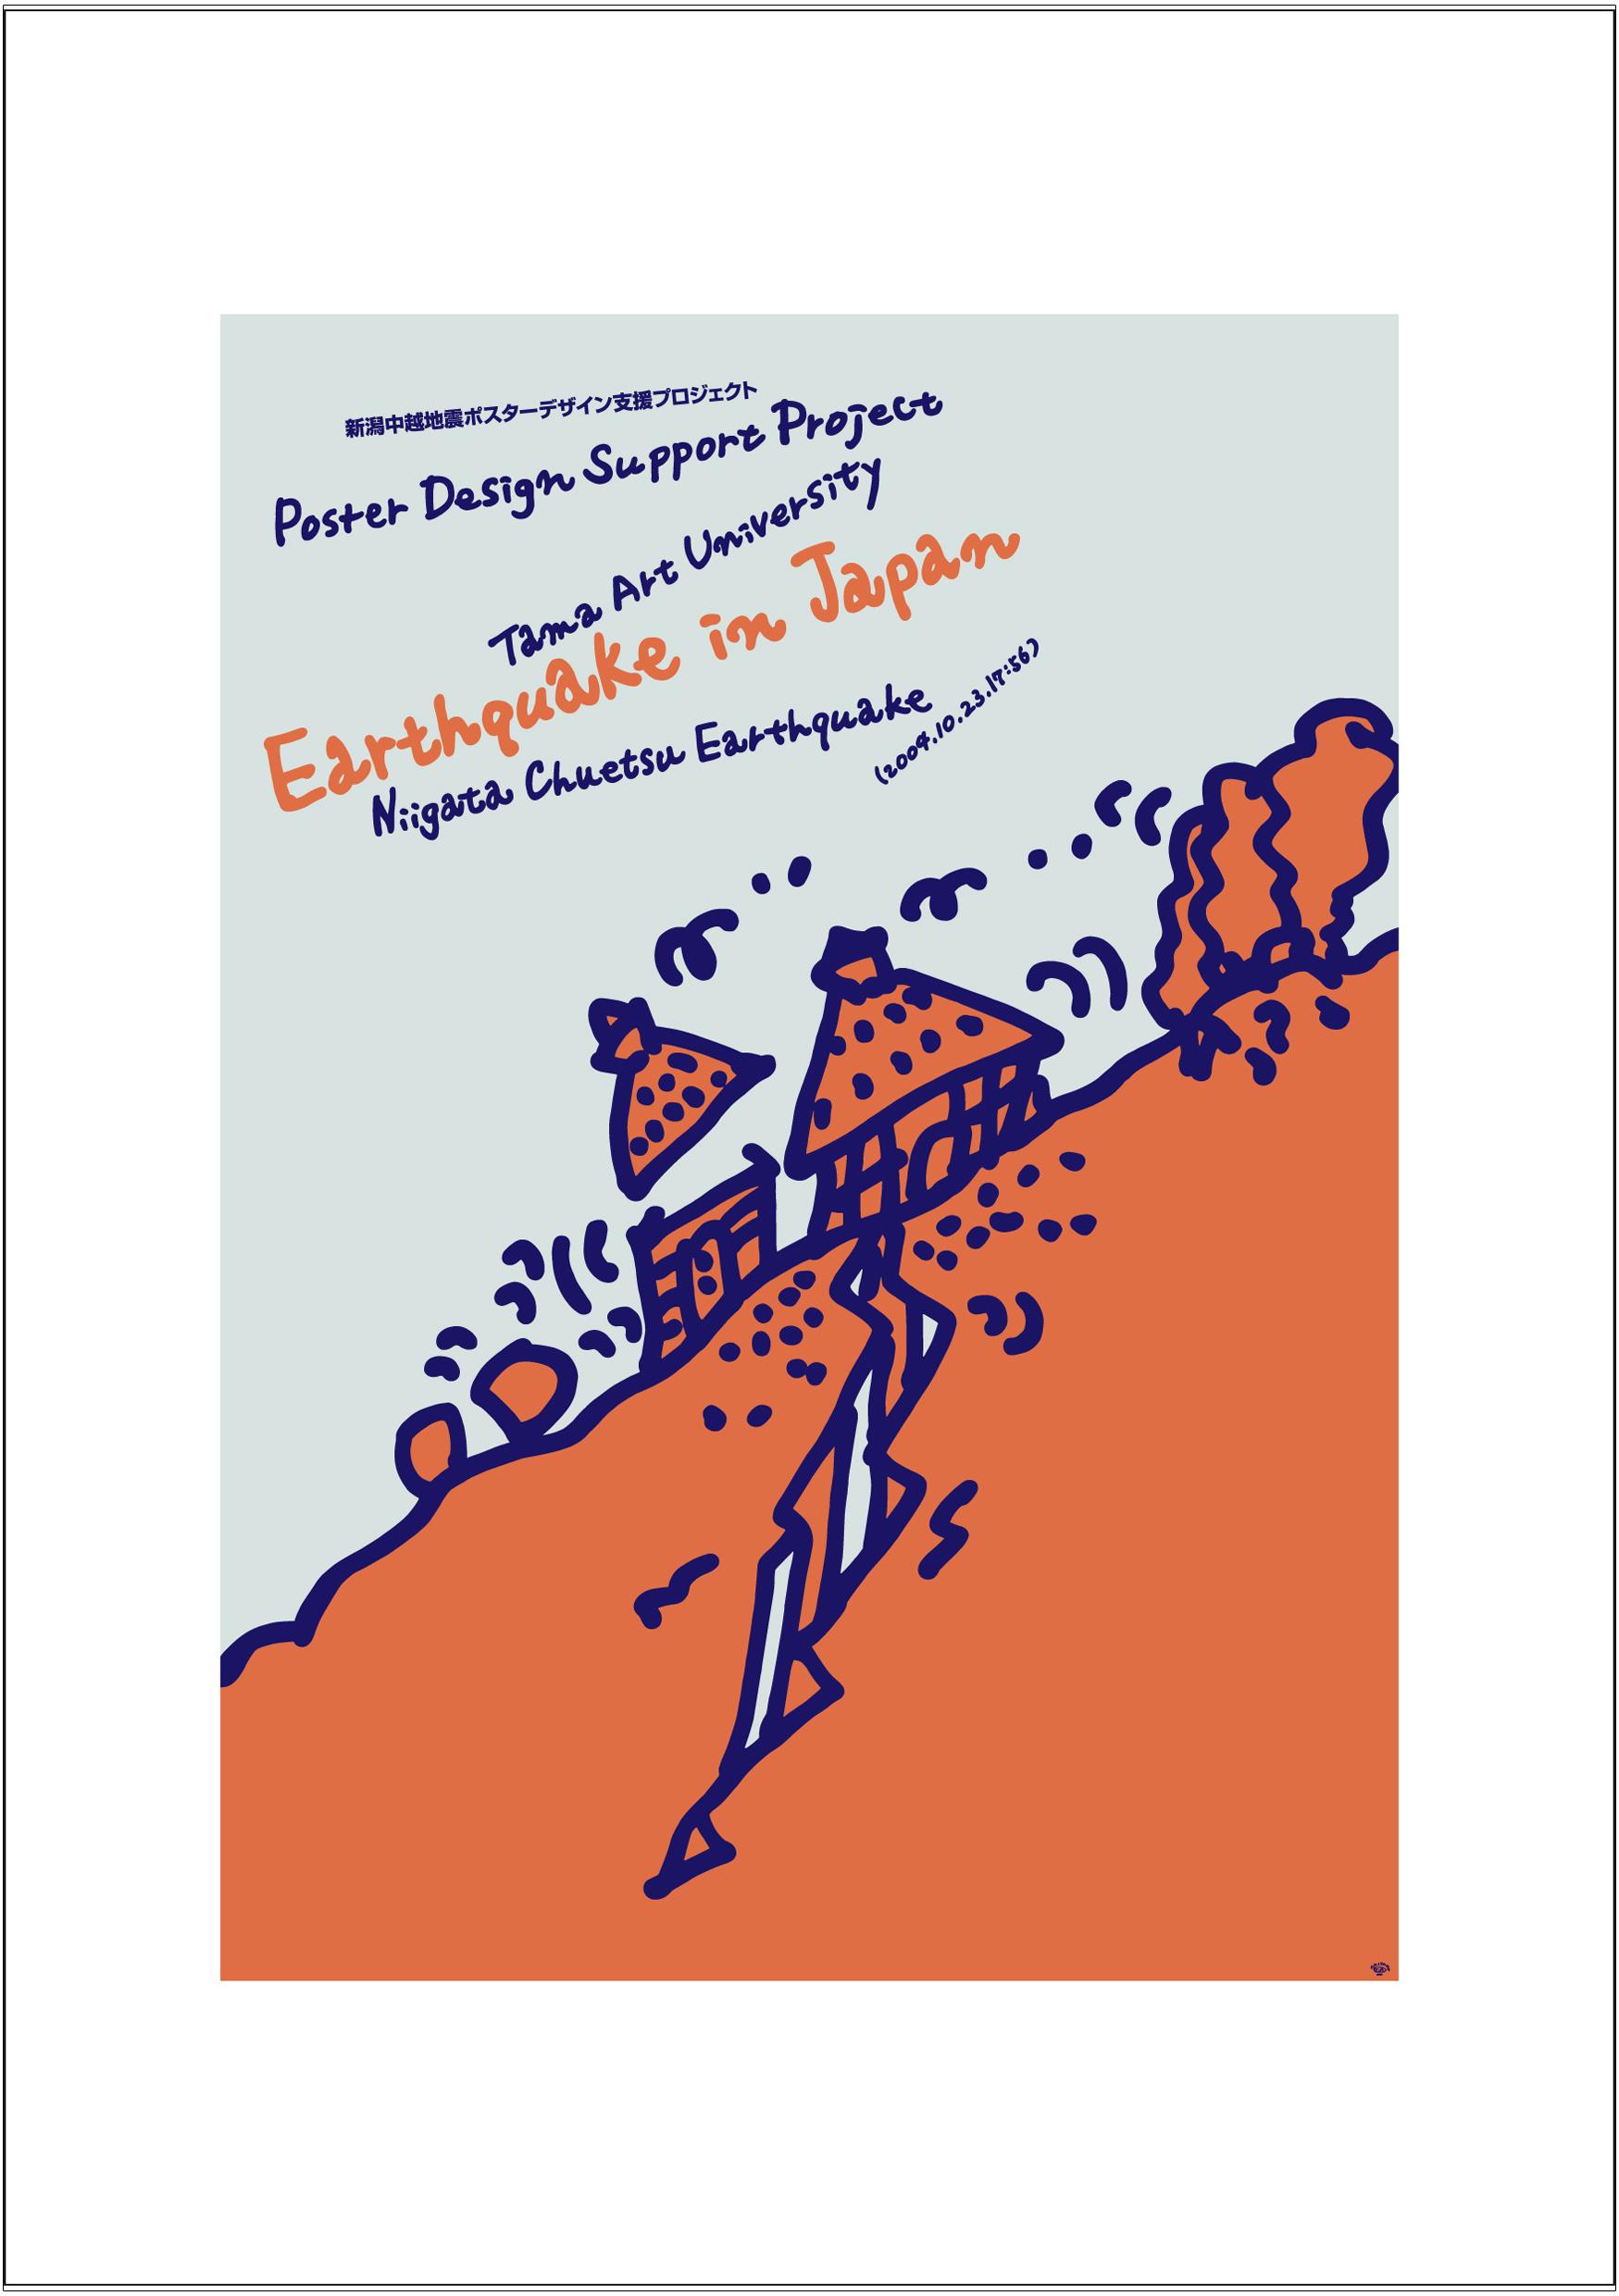 ポスターアーティスト秋山孝が2006年に制作したアートカード「アートカード ポスター 2006 01」